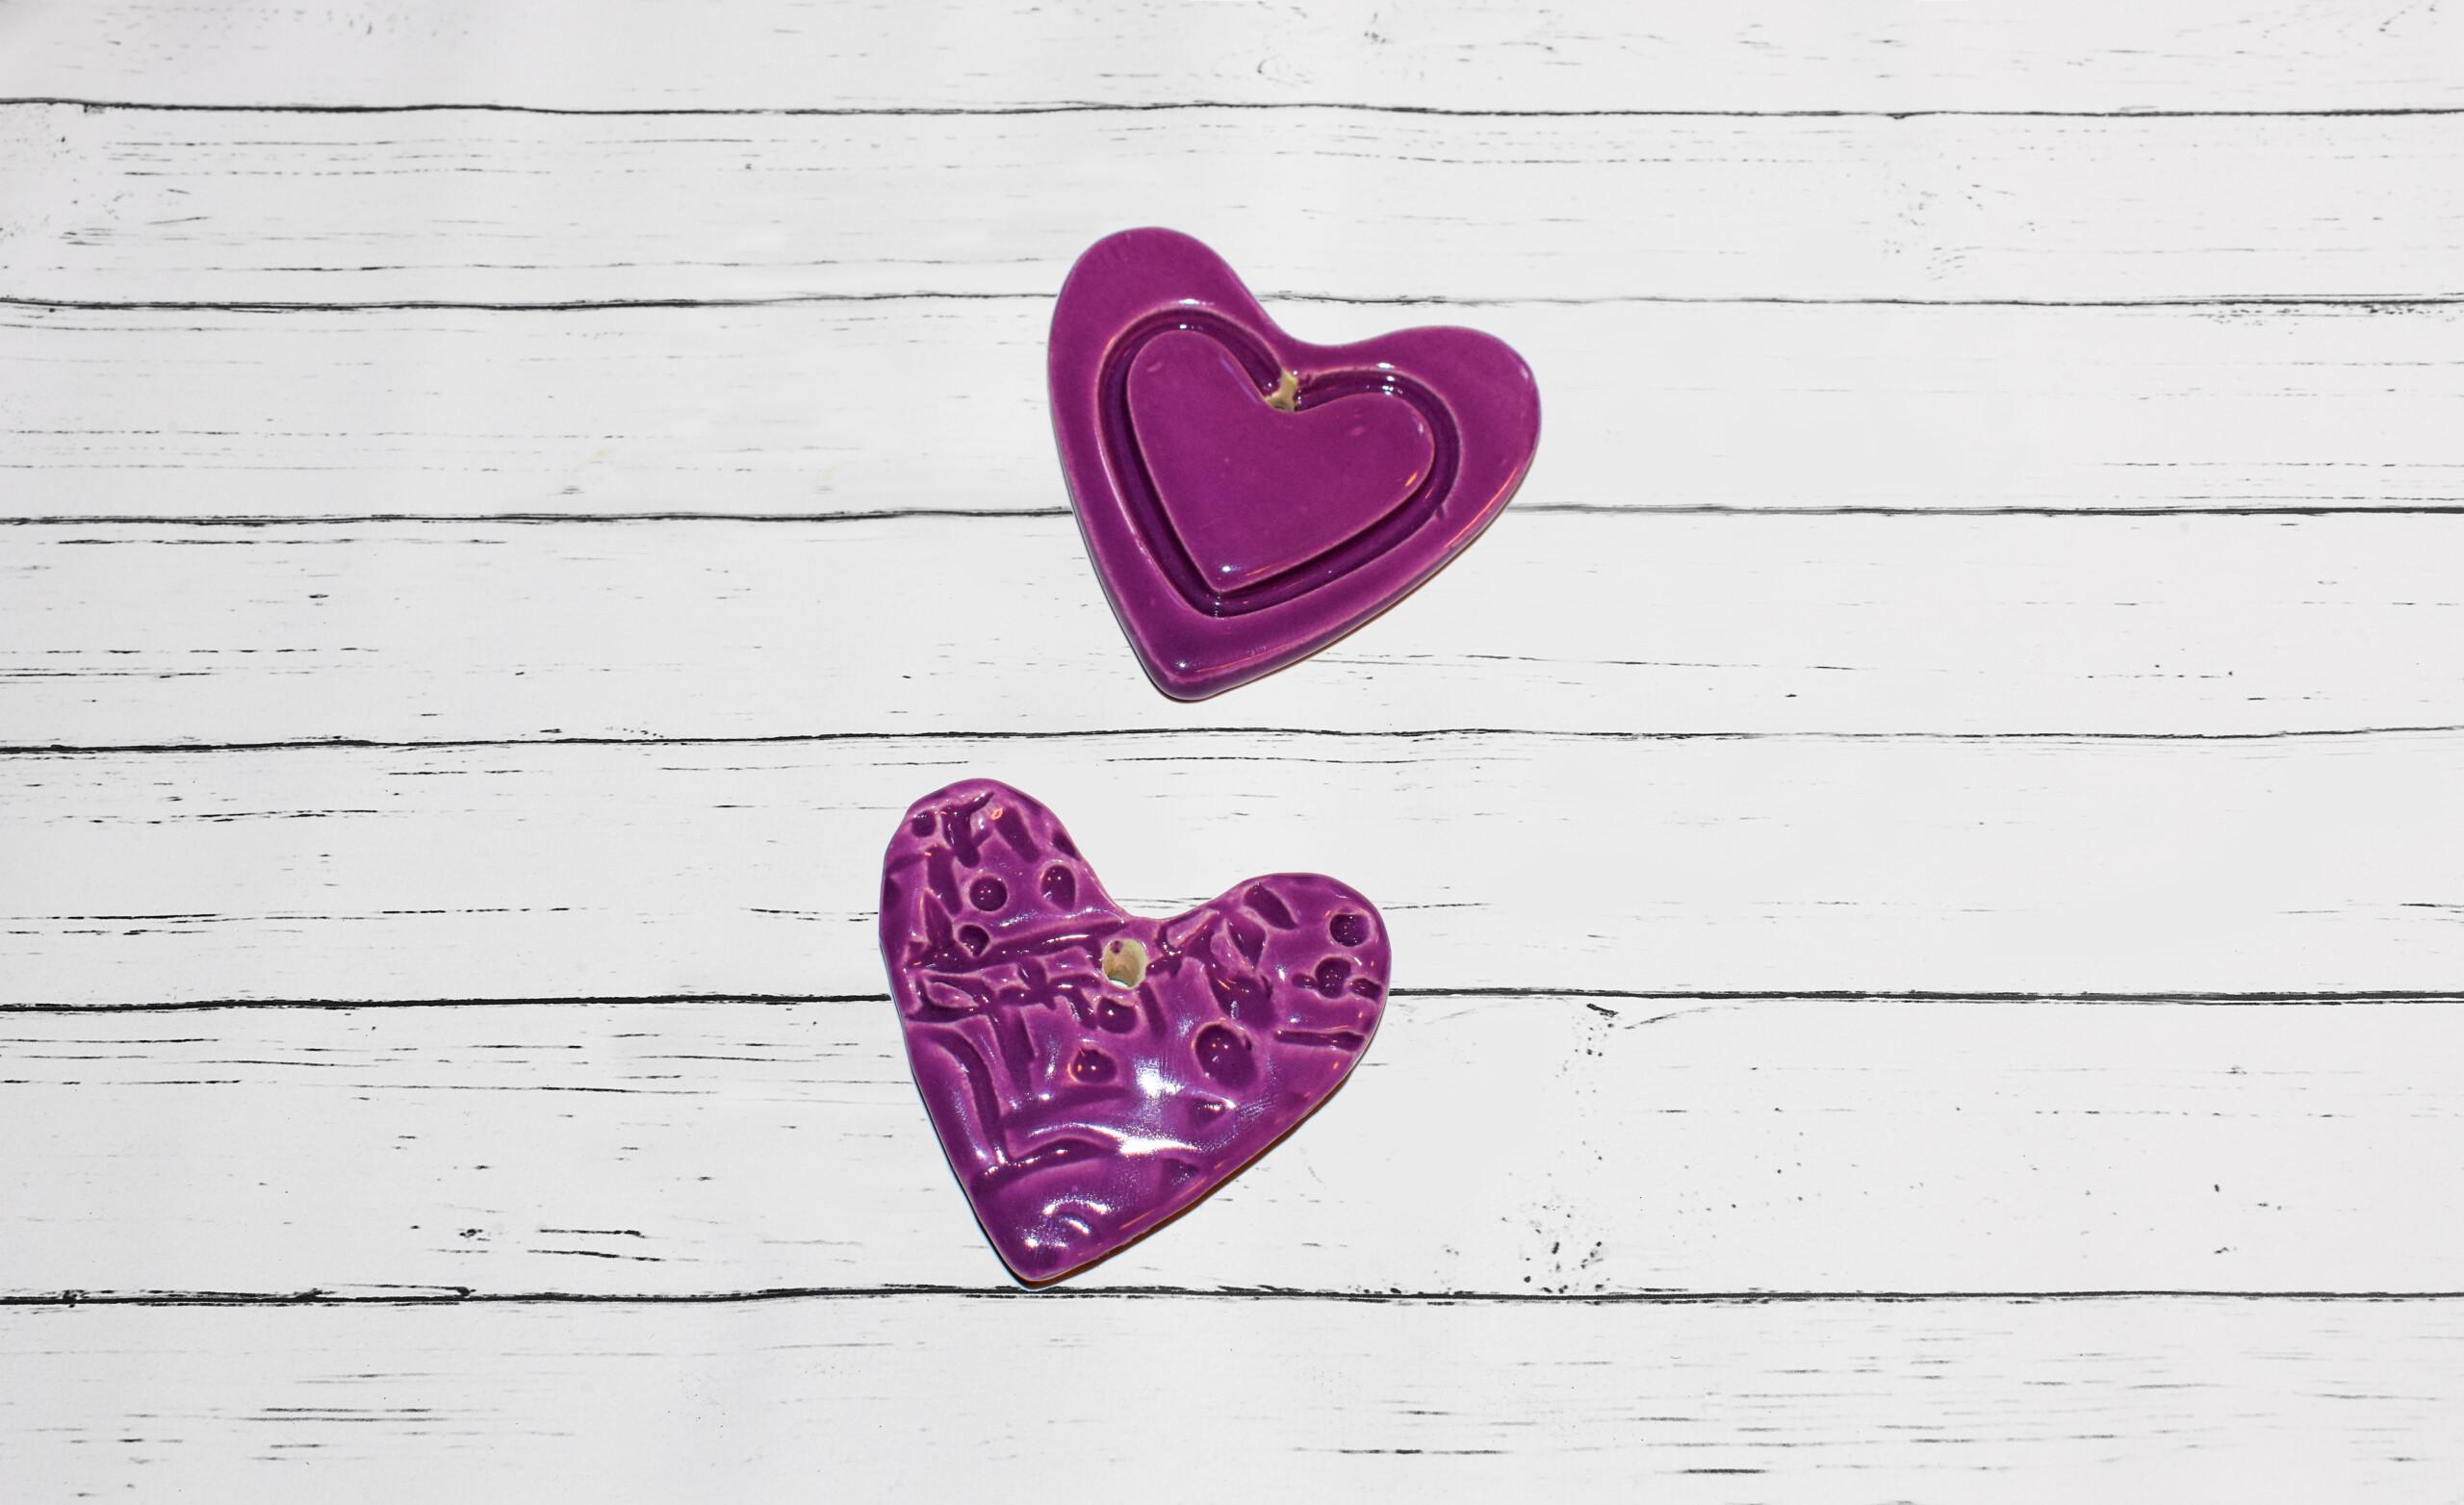 Copia-di-cuore-viola